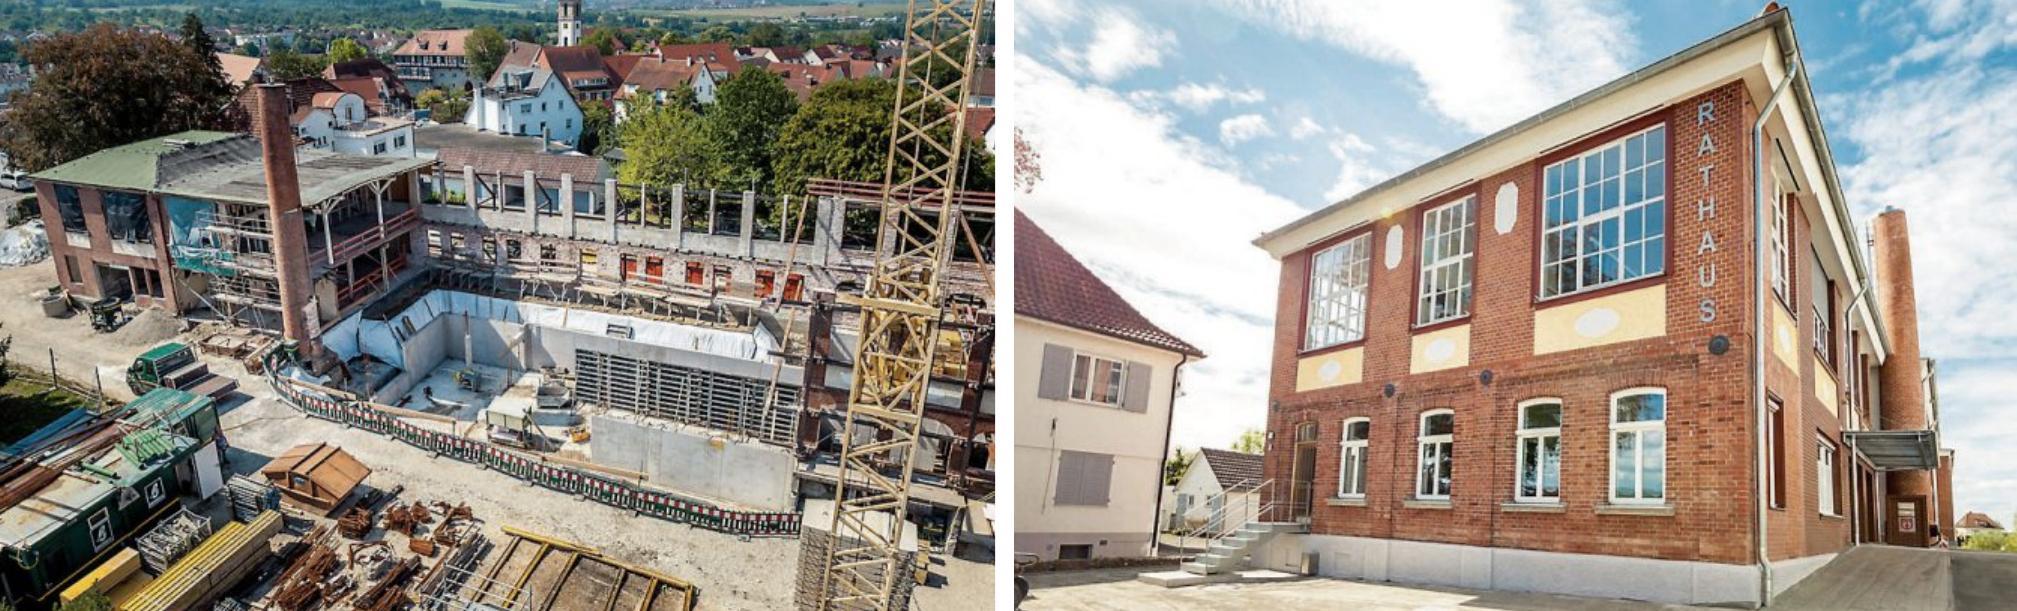 Im Bild links ist der vollständig entkernte Mittelteil der Kindlerschen Fabrik zu sehen. Rechts das neue Rathaus von Gomaringen. Bilder: Angela Hammer/Gemeinde Gomaringen